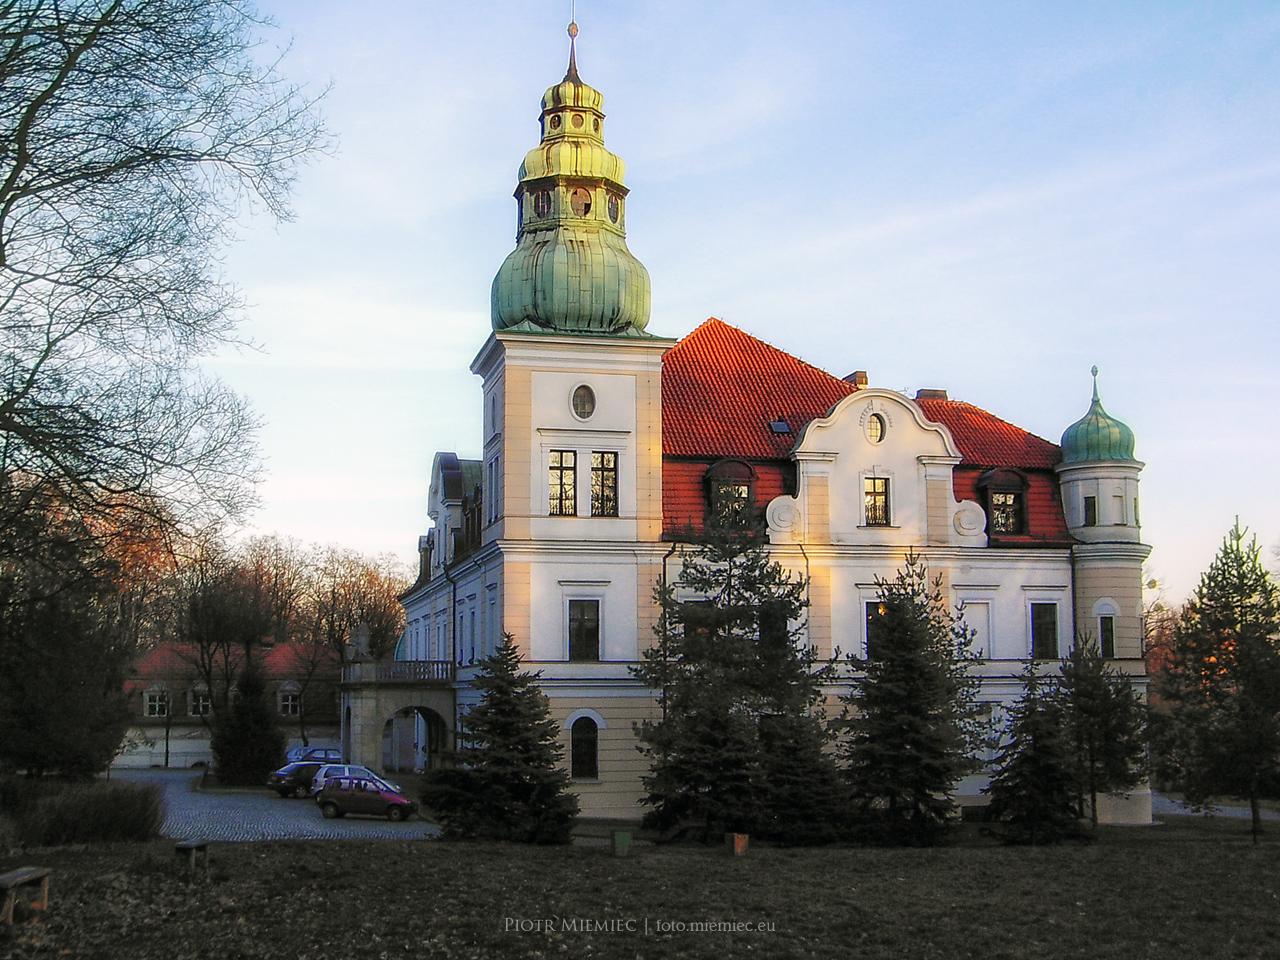 Pałac w Kamieńcu